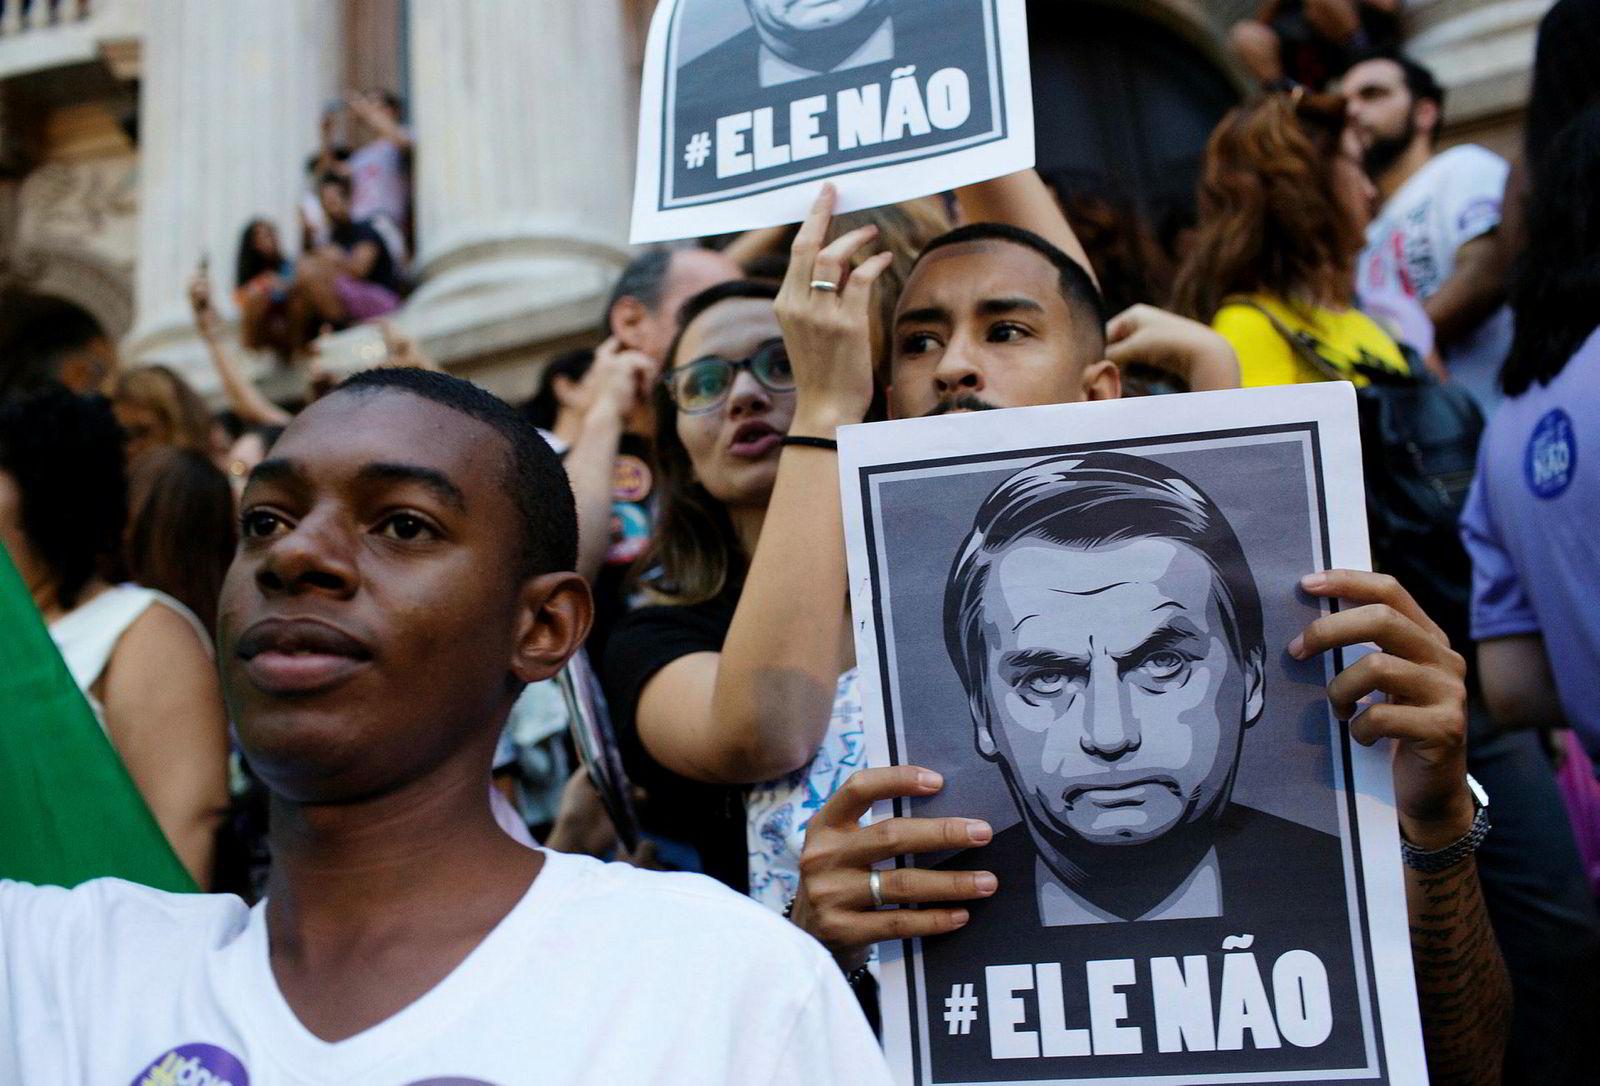 Høyresidens Jair Bolsonaro er på defensiven i presidentvalget i Brasil. En årsak er kampanjen #Elenão – «Ikke ham», som har spredt seg som ild i tørt i gress over Brasil. Sist helg ble det gjennomført gigantiske protestmarsjer over hele landet, Her fra Rio de Janeiro, der rundt 150.000 personer skal ha deltatt i protestene.